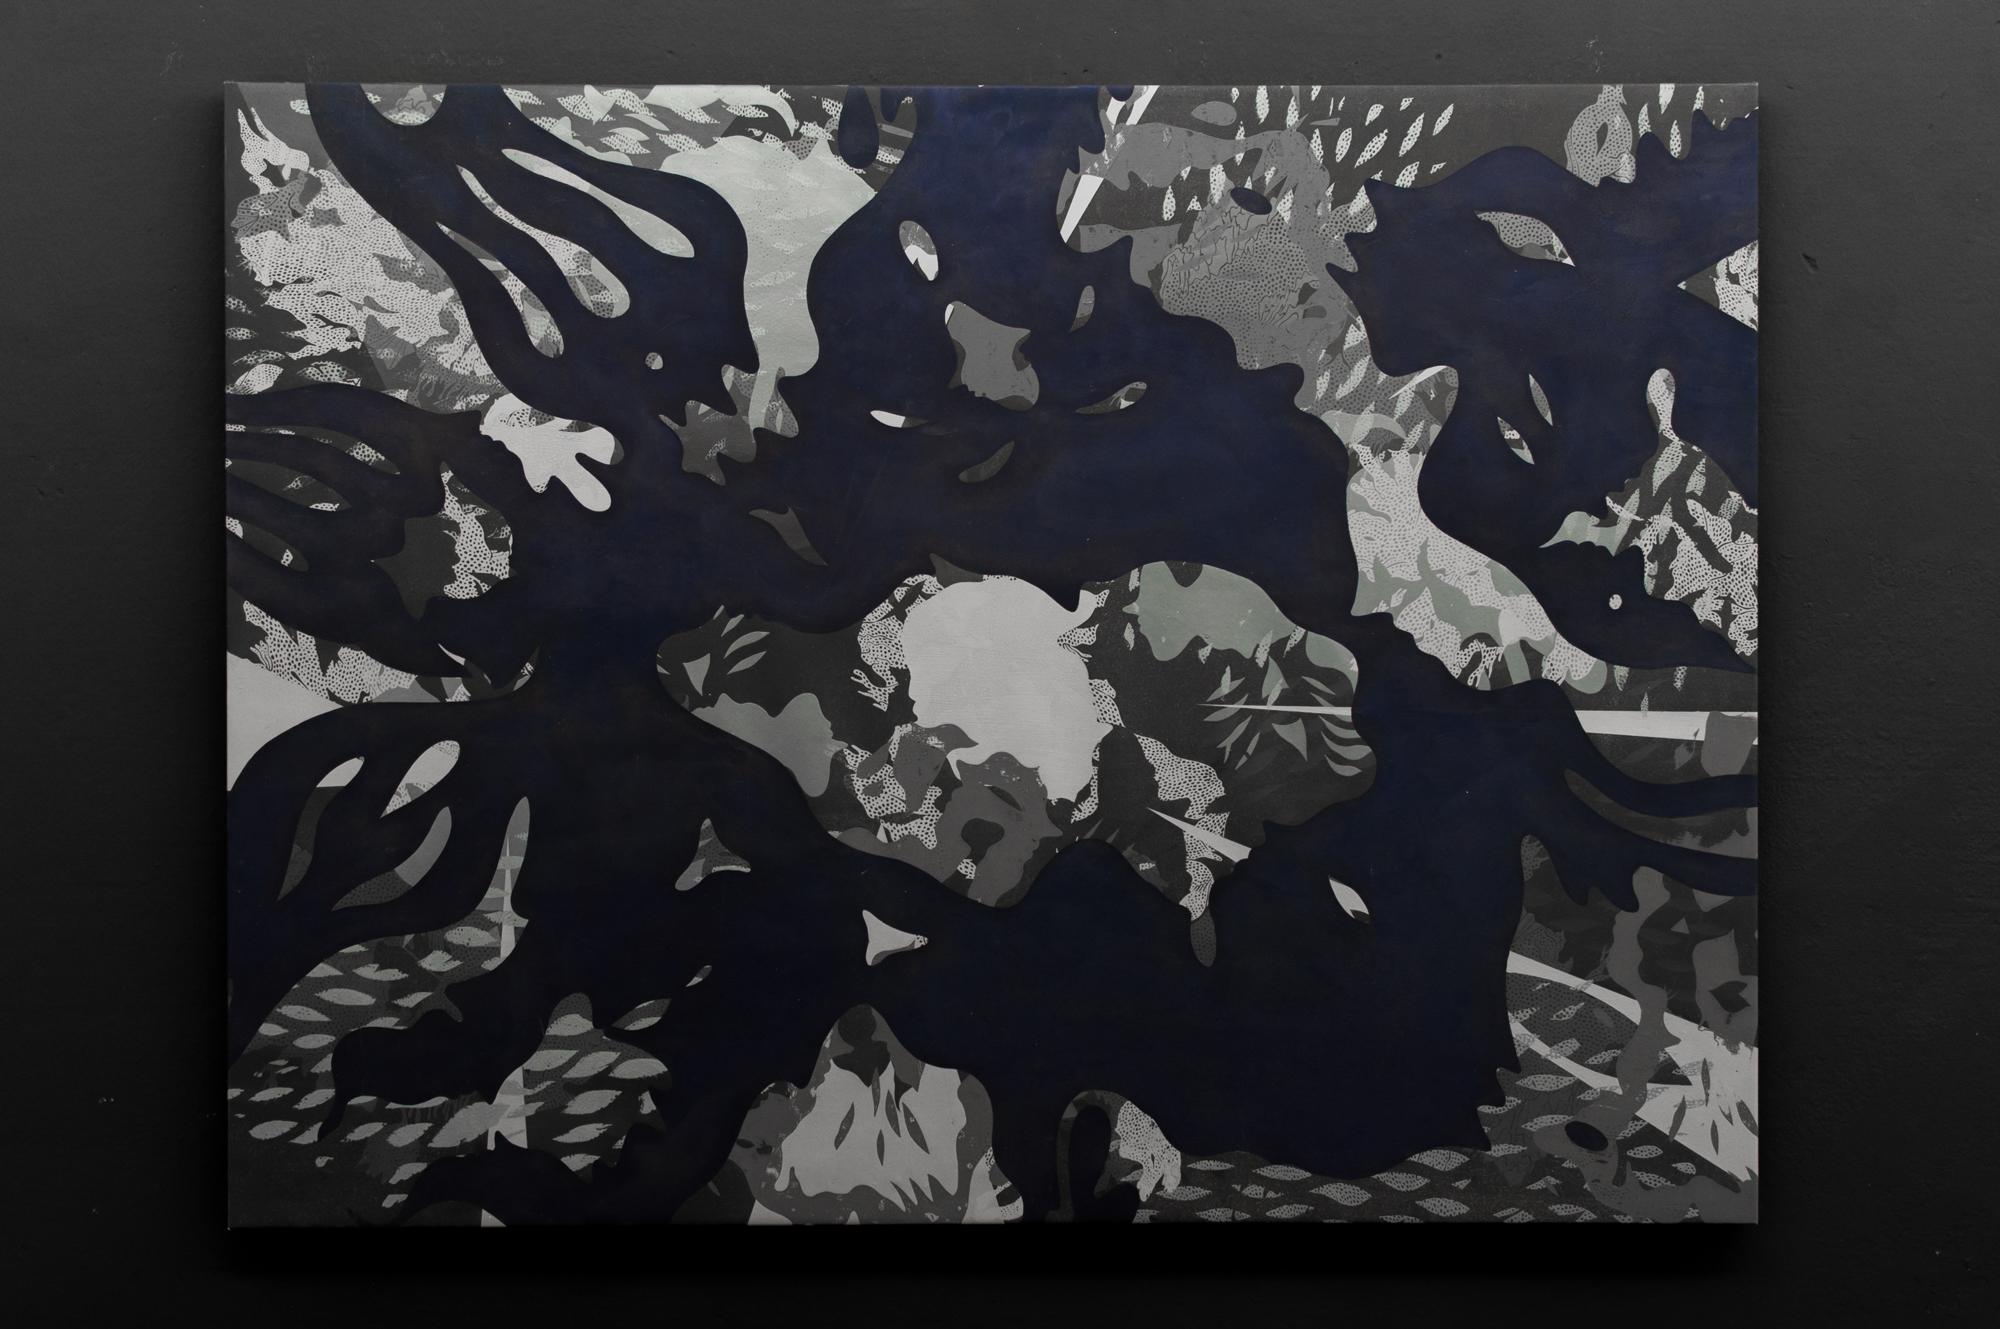 Shifting Surfaces mostra Aris 2501 Magma Gallery